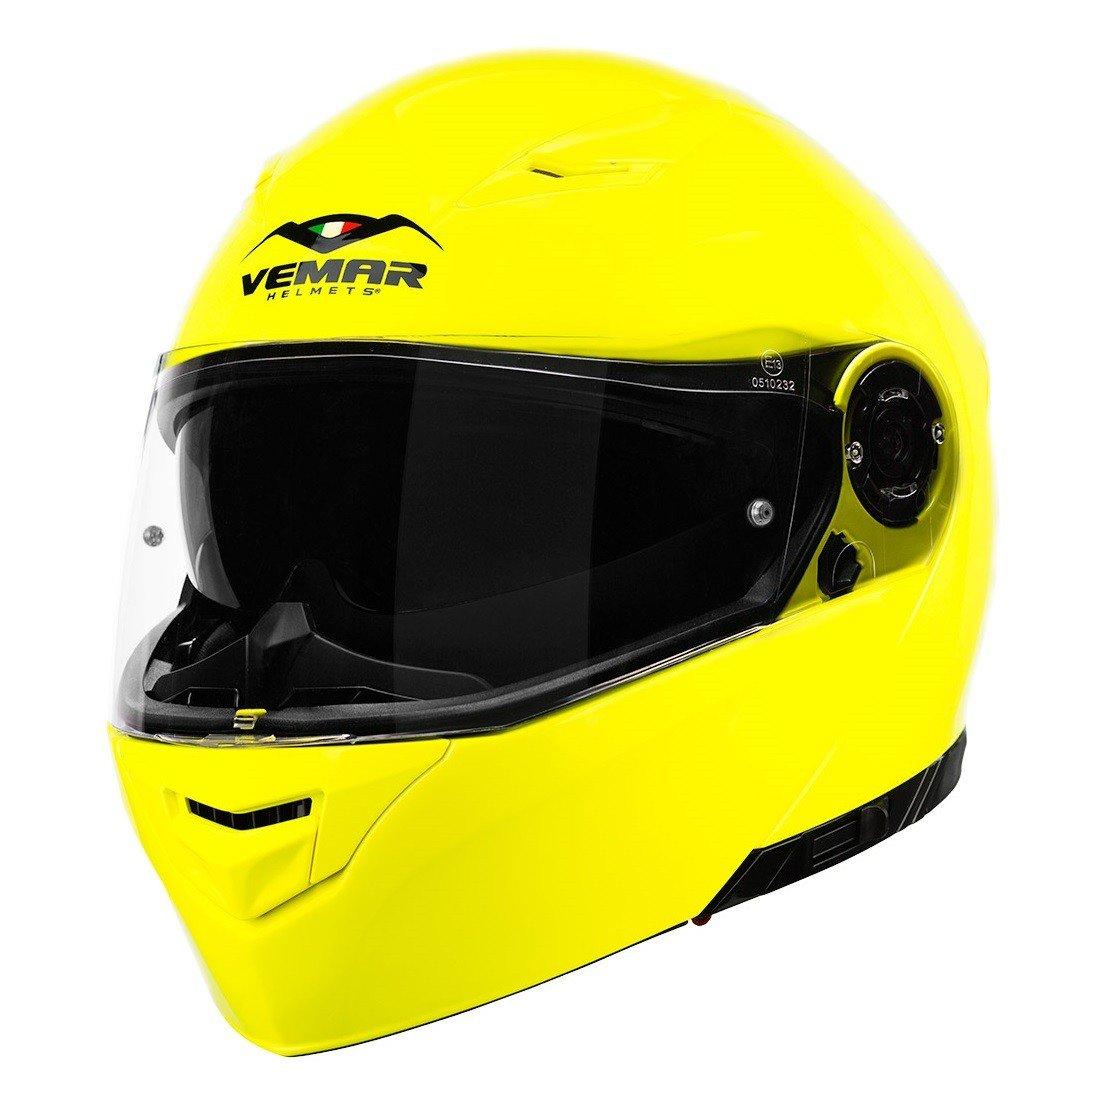 Výklopná motocyklová přilba VEMAR Nashi (neonově žlutá) XXL (63/64)